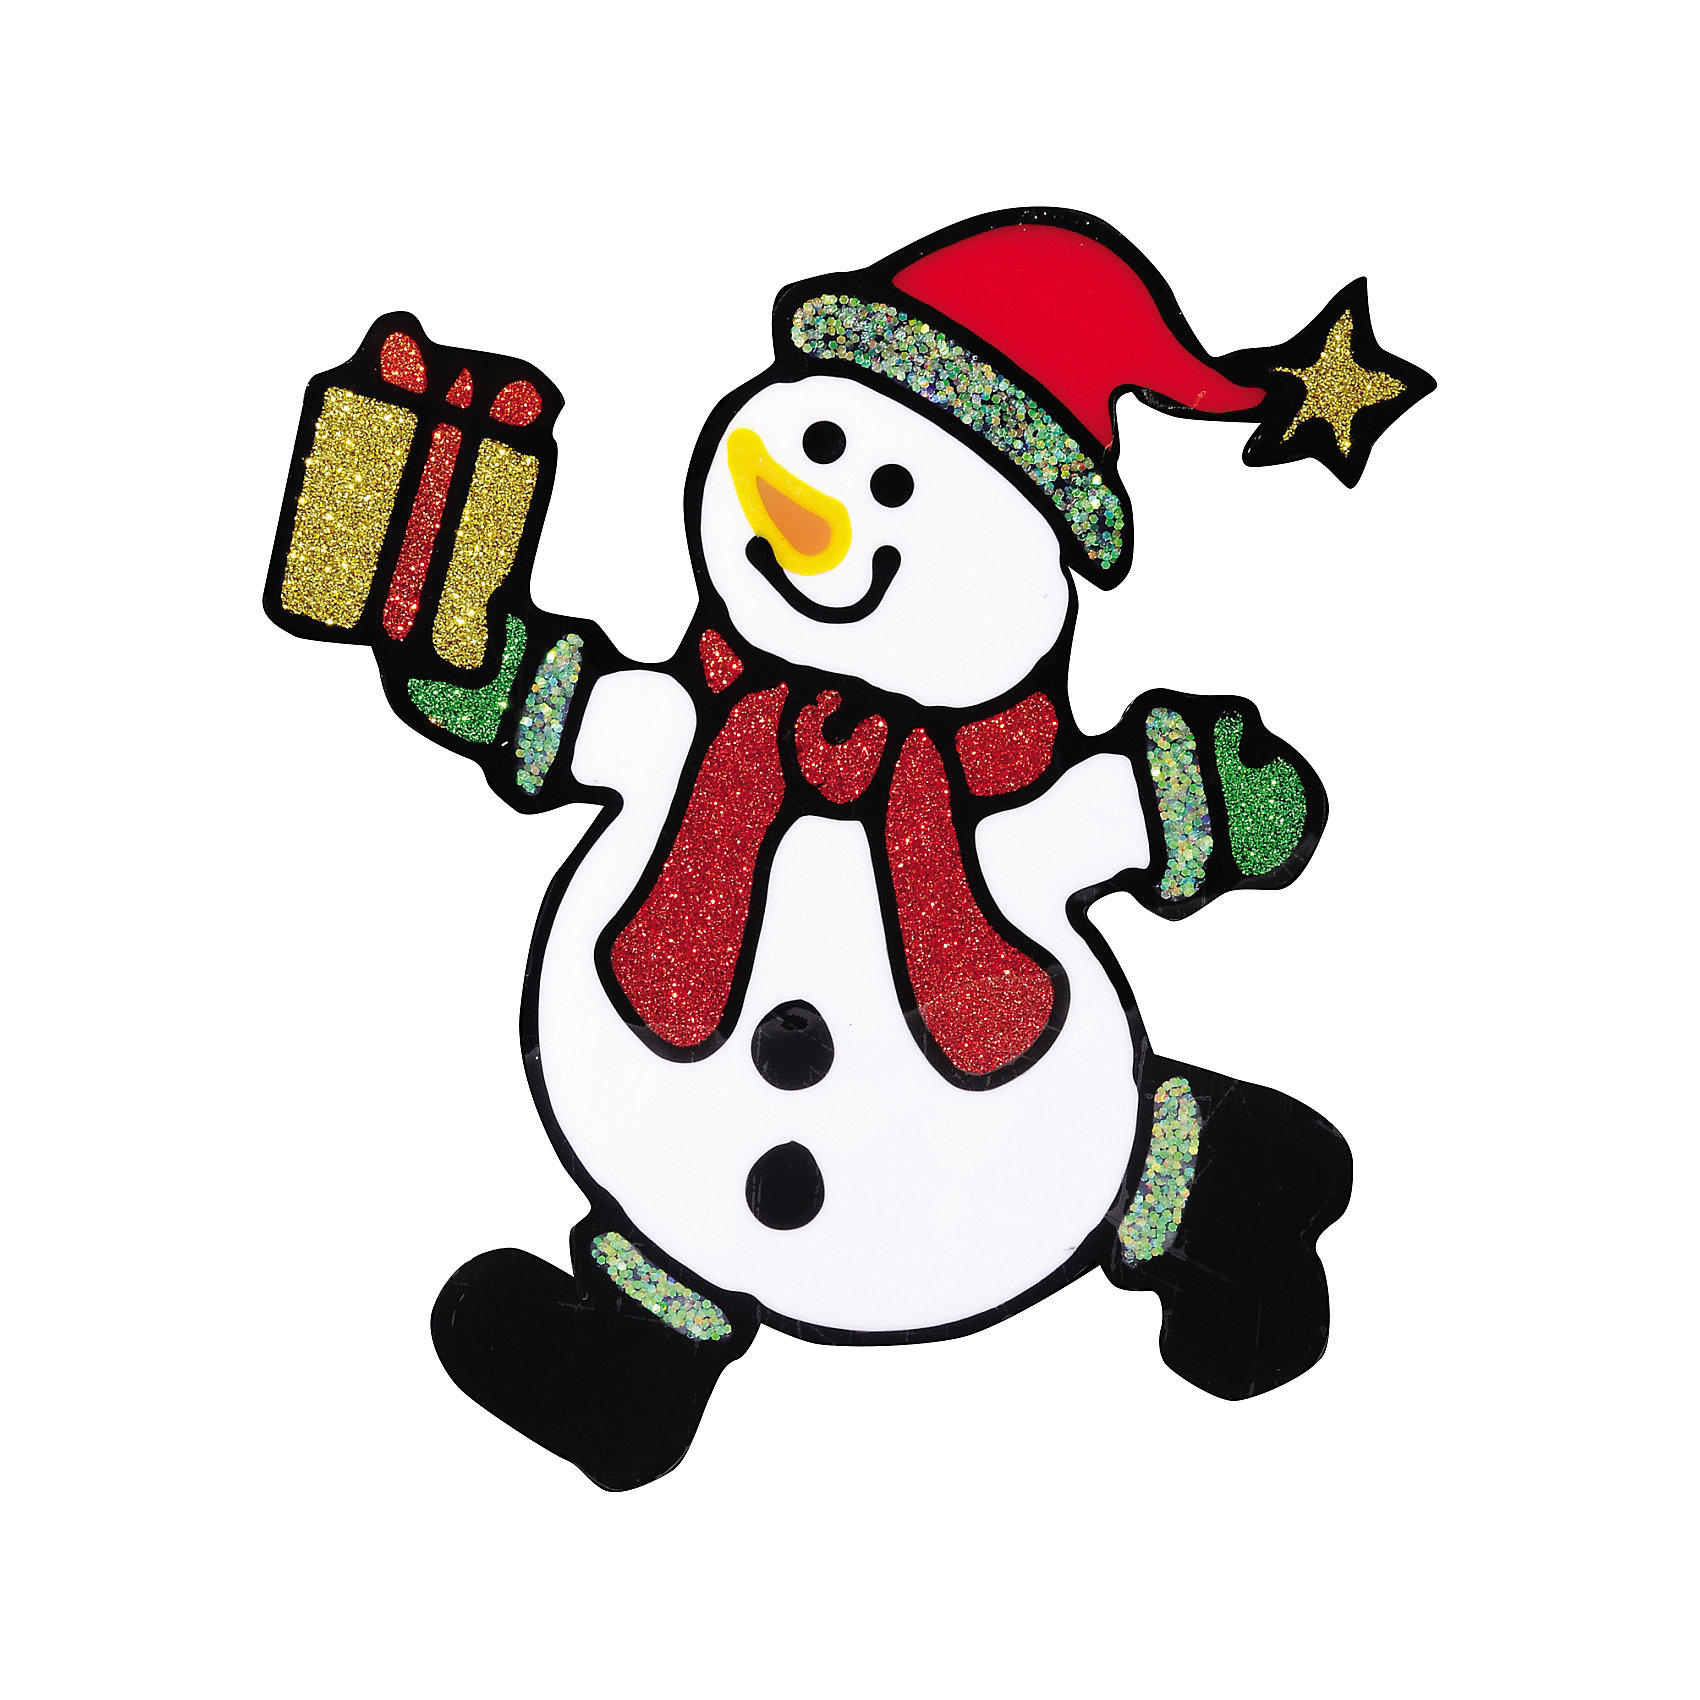 Наклейка на окно Сюрприз 14*16 смНовинки Новый Год<br>Наклейка на окно Сюрприз 14*16 см станет приятным сюрпризом для того, кому будет преподнесен этот сувенир! Ведь наклейка с забавным снеговиком, спешащим в Ваш дом, оживит любой интерьер, будет радовать глаз и поднимать настроение в праздничные дни!<br><br>Дополнительная информация:<br>-Материалы: силикон, блестки<br>-Размер в упаковке: 14х0,5х16 см<br>-Вес в упаковке: 21 г<br>-Размер: 14х16 см<br><br>Наклейка на окно Сюрприз 14*16 см можно купить в нашем магазине.<br><br>Ширина мм: 140<br>Глубина мм: 5<br>Высота мм: 160<br>Вес г: 21<br>Возраст от месяцев: 84<br>Возраст до месяцев: 2147483647<br>Пол: Унисекс<br>Возраст: Детский<br>SKU: 4286726